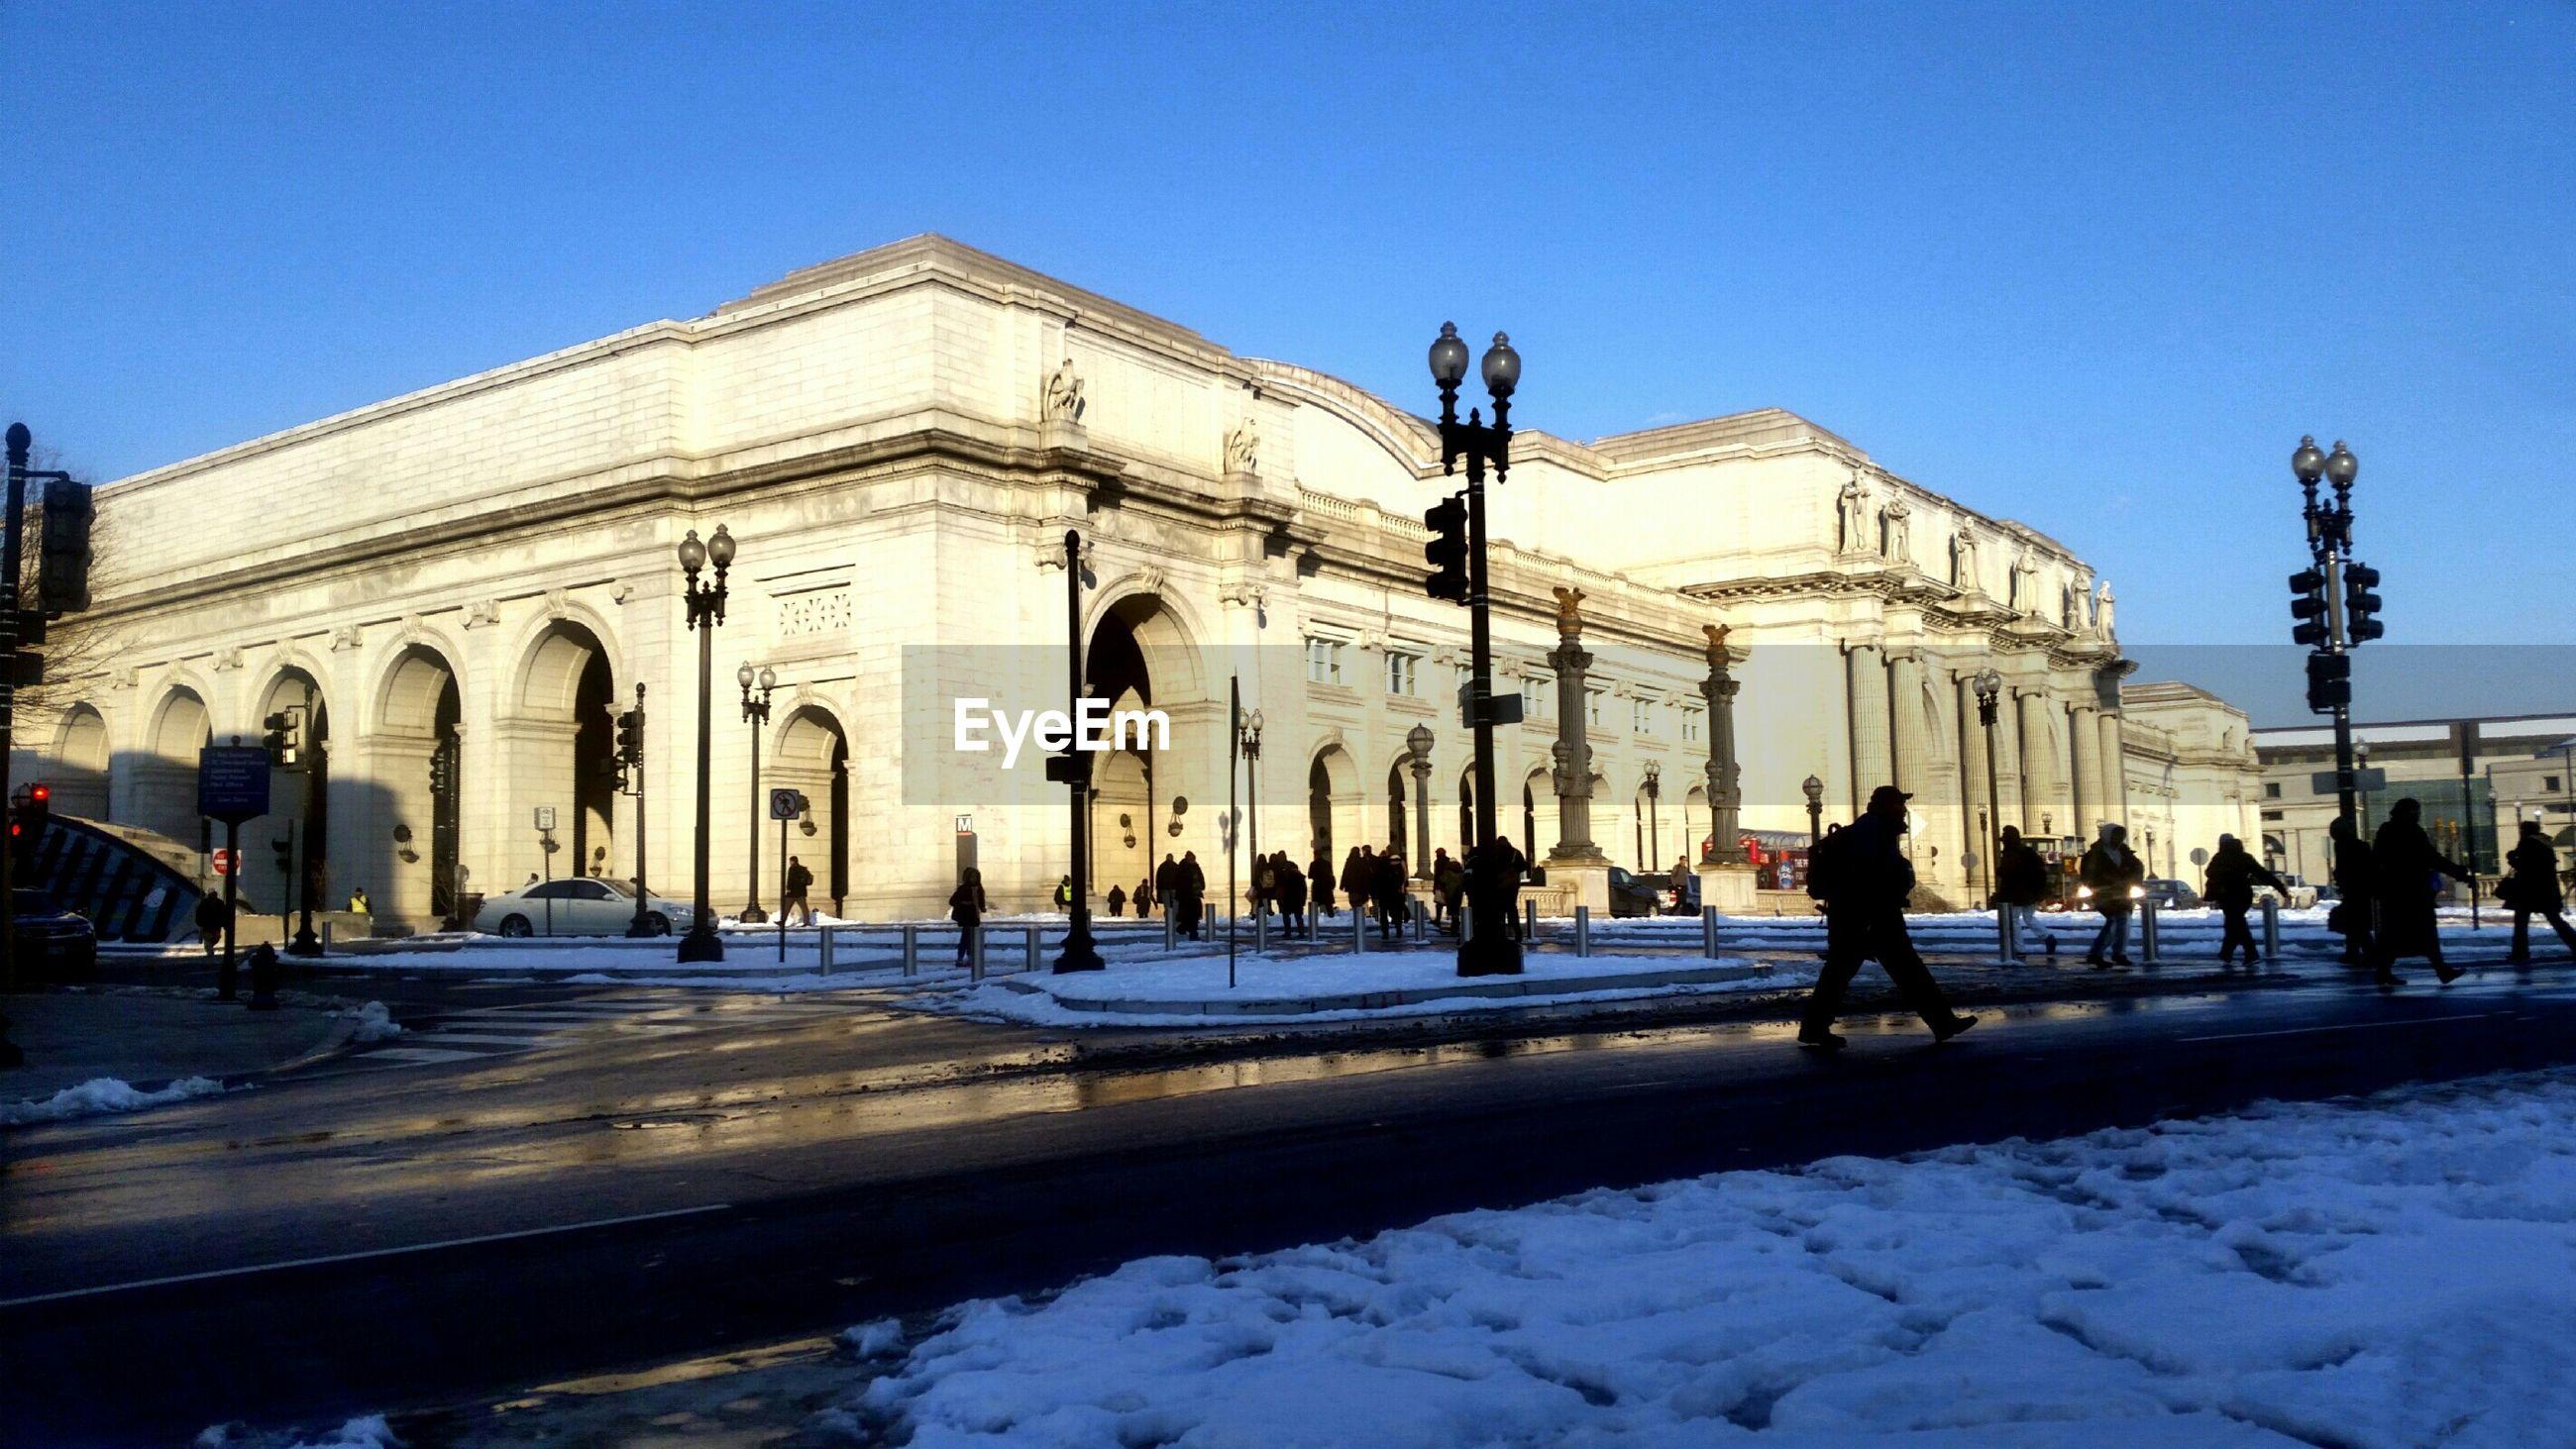 People walking on road along buildings in winter